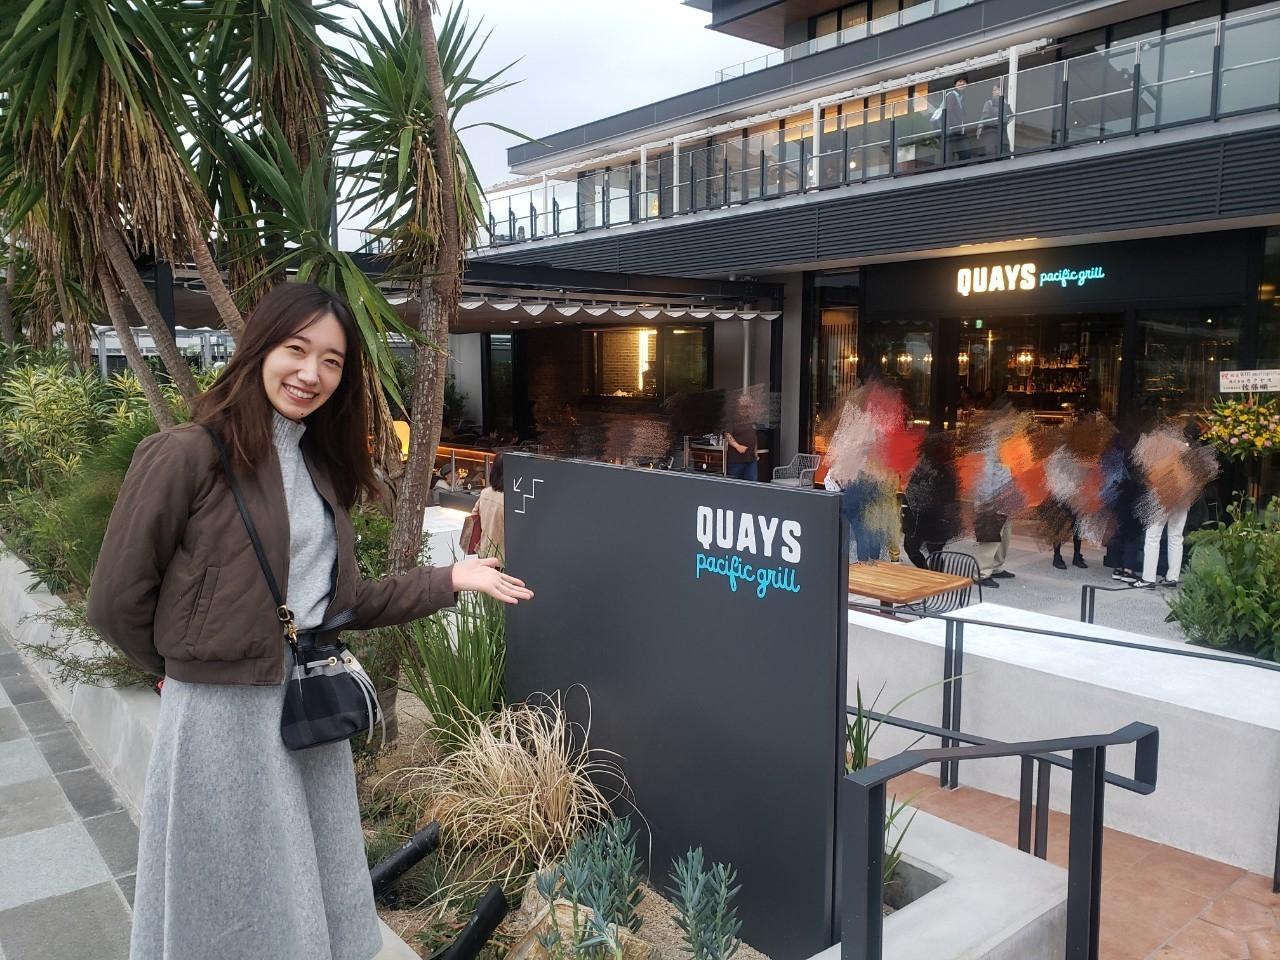 【横浜ハンマーヘッド】10月31日New Open!食をテーマにしたテーマパークへ潜入✨_3